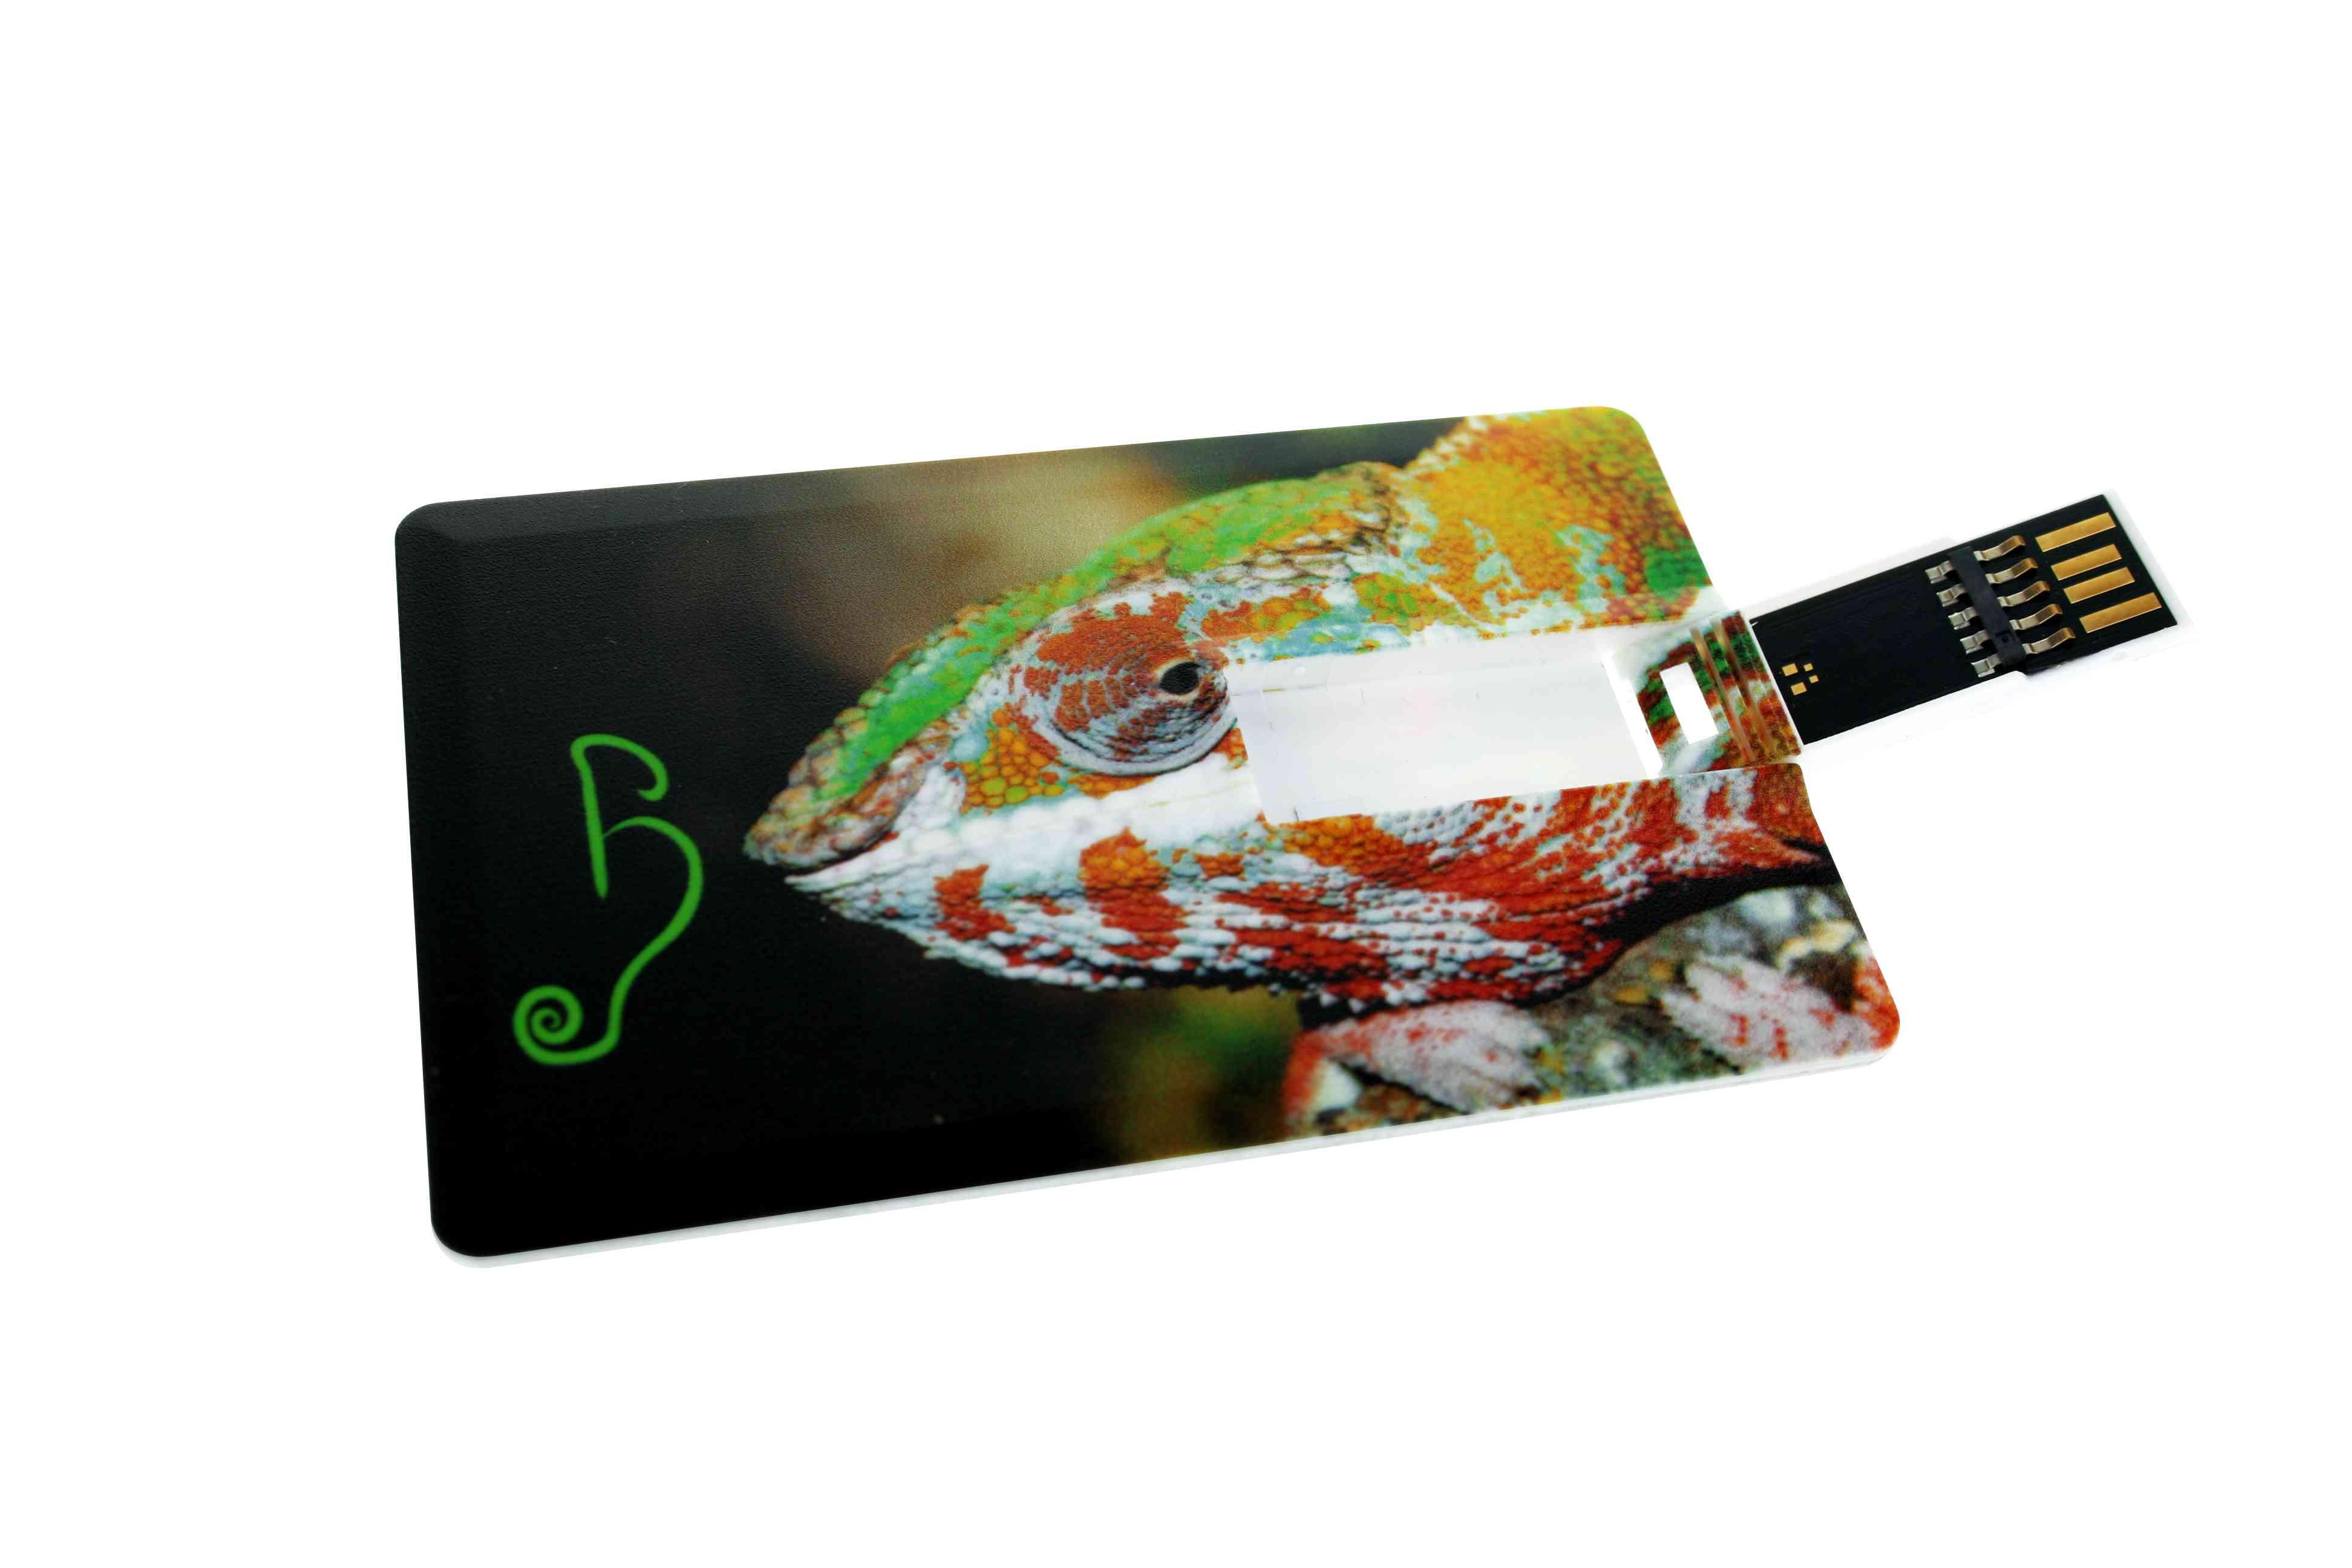 Clé USB publicitaire carte de crédit 3.0